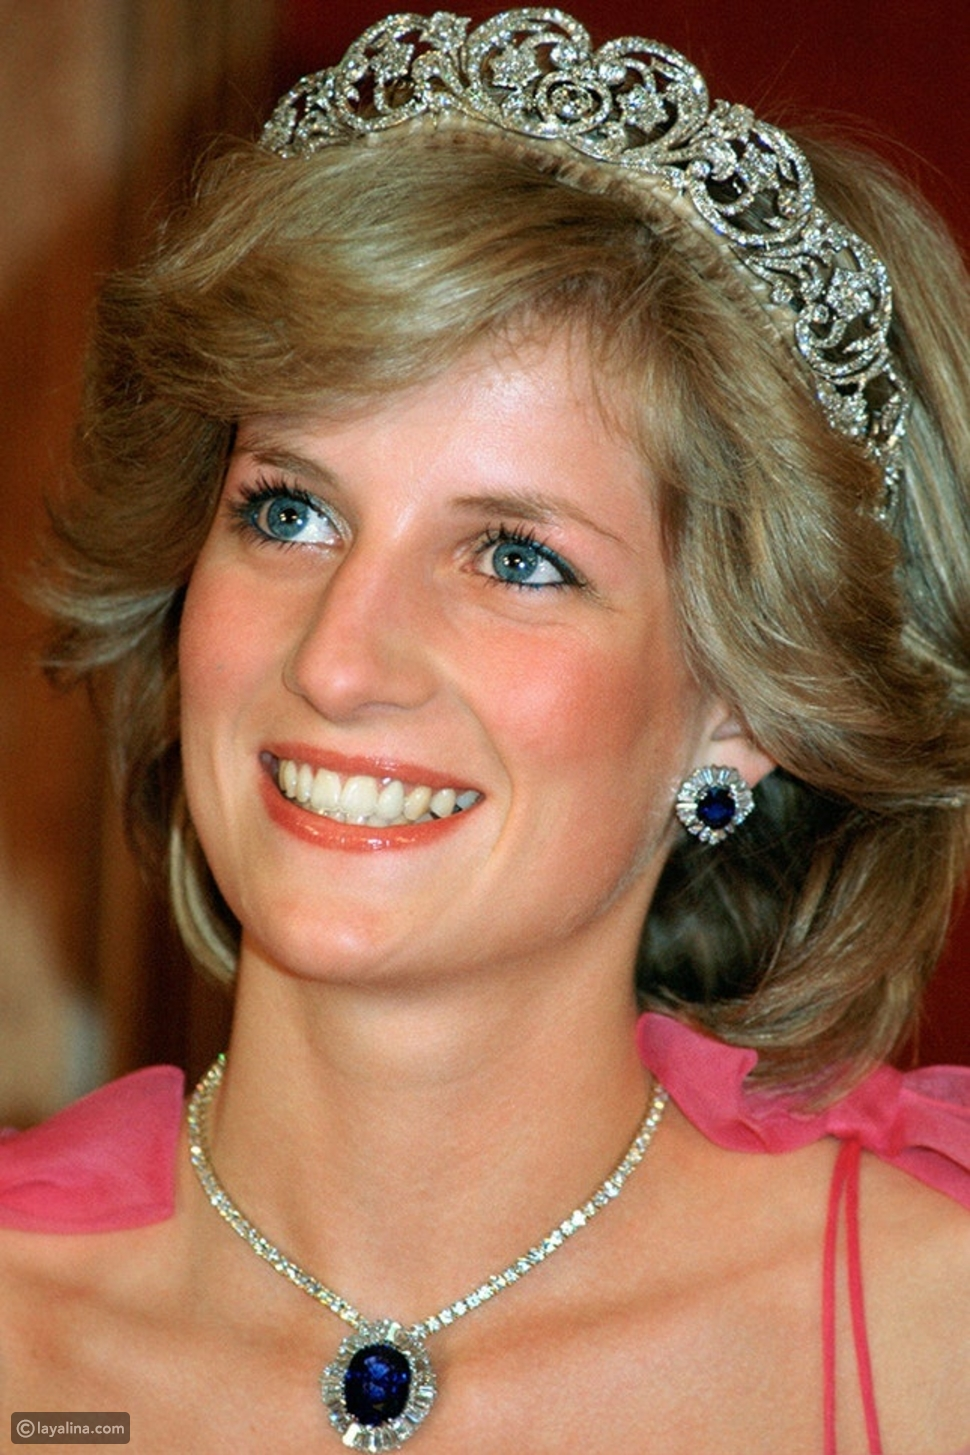 الأميرة ديانا وحبها للمجوهرات والؤلؤ